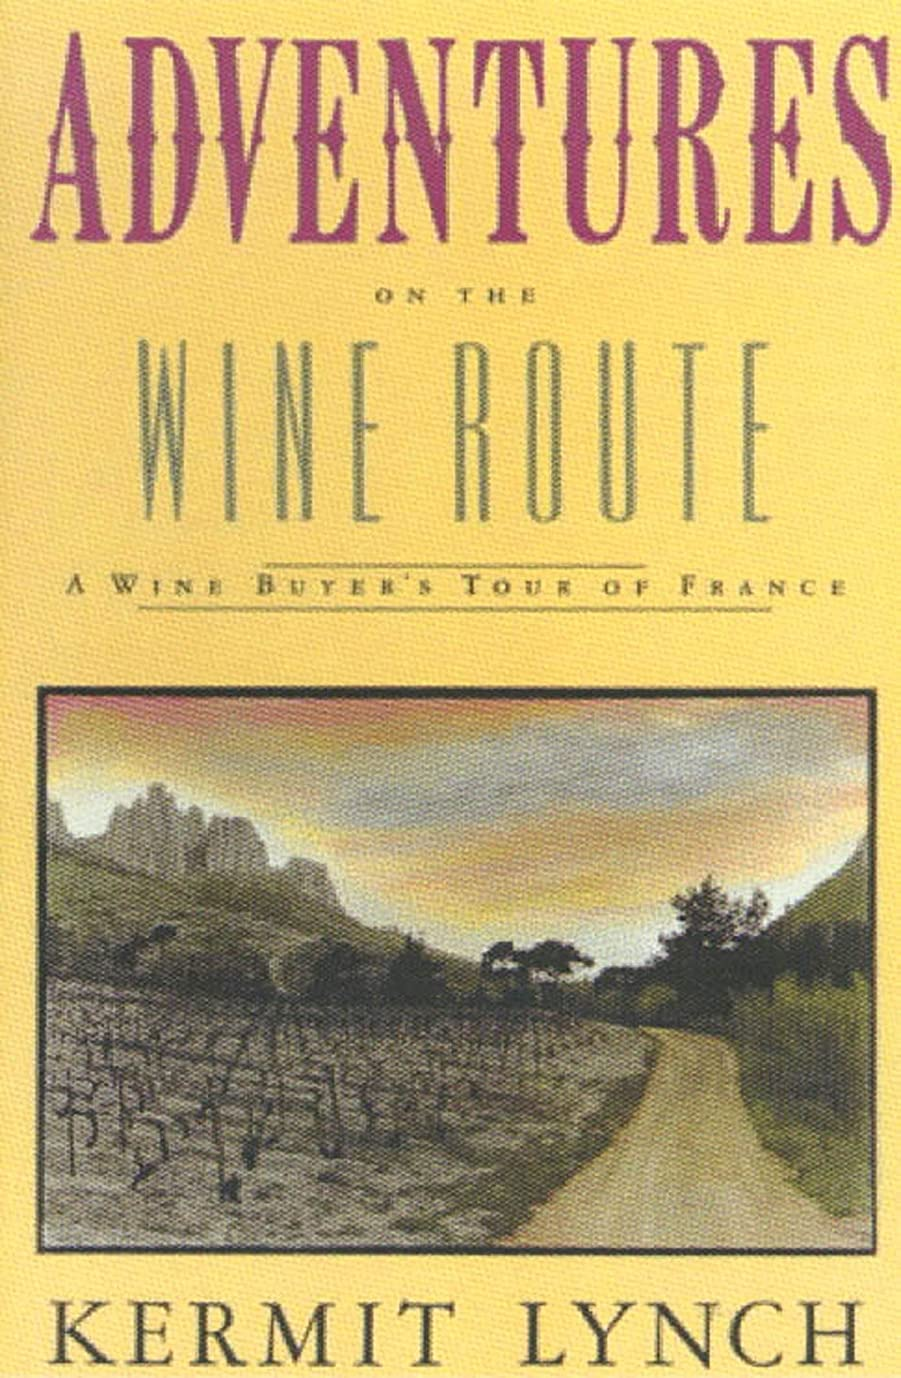 同等のシャンパン麻痺させるAdventures on the Wine Route: A Wine Buyer's Tour of France